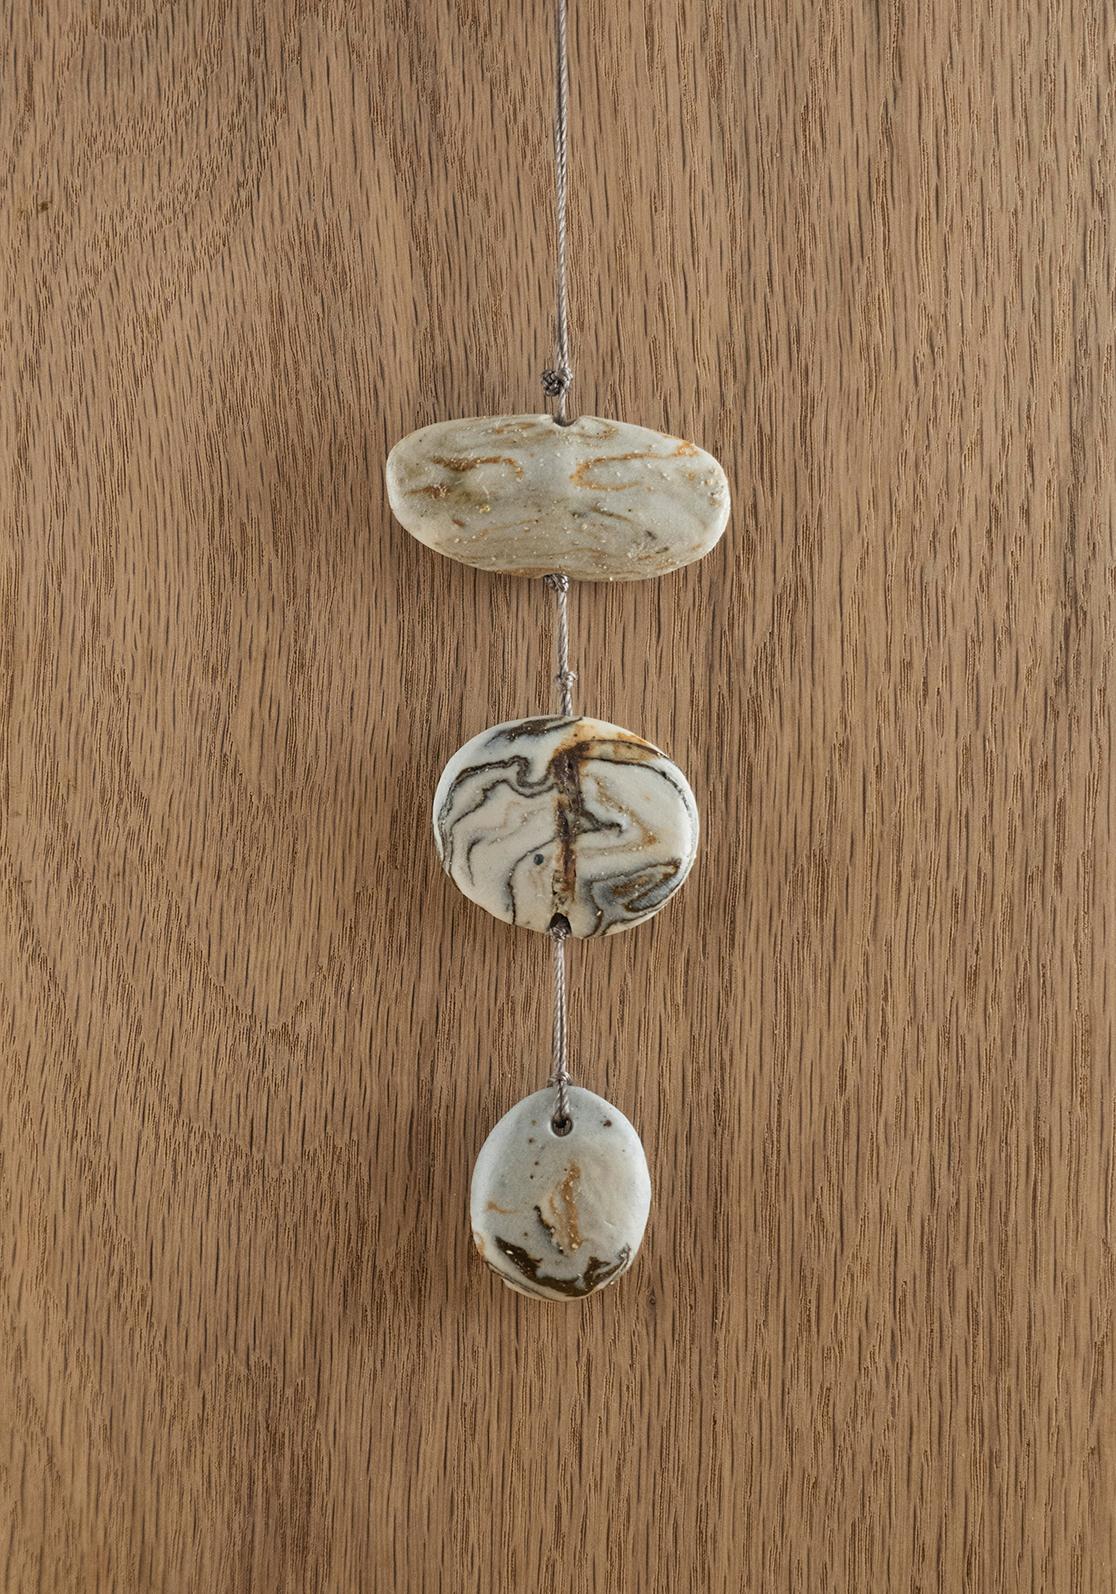 pebble-necklace-sm.jpg